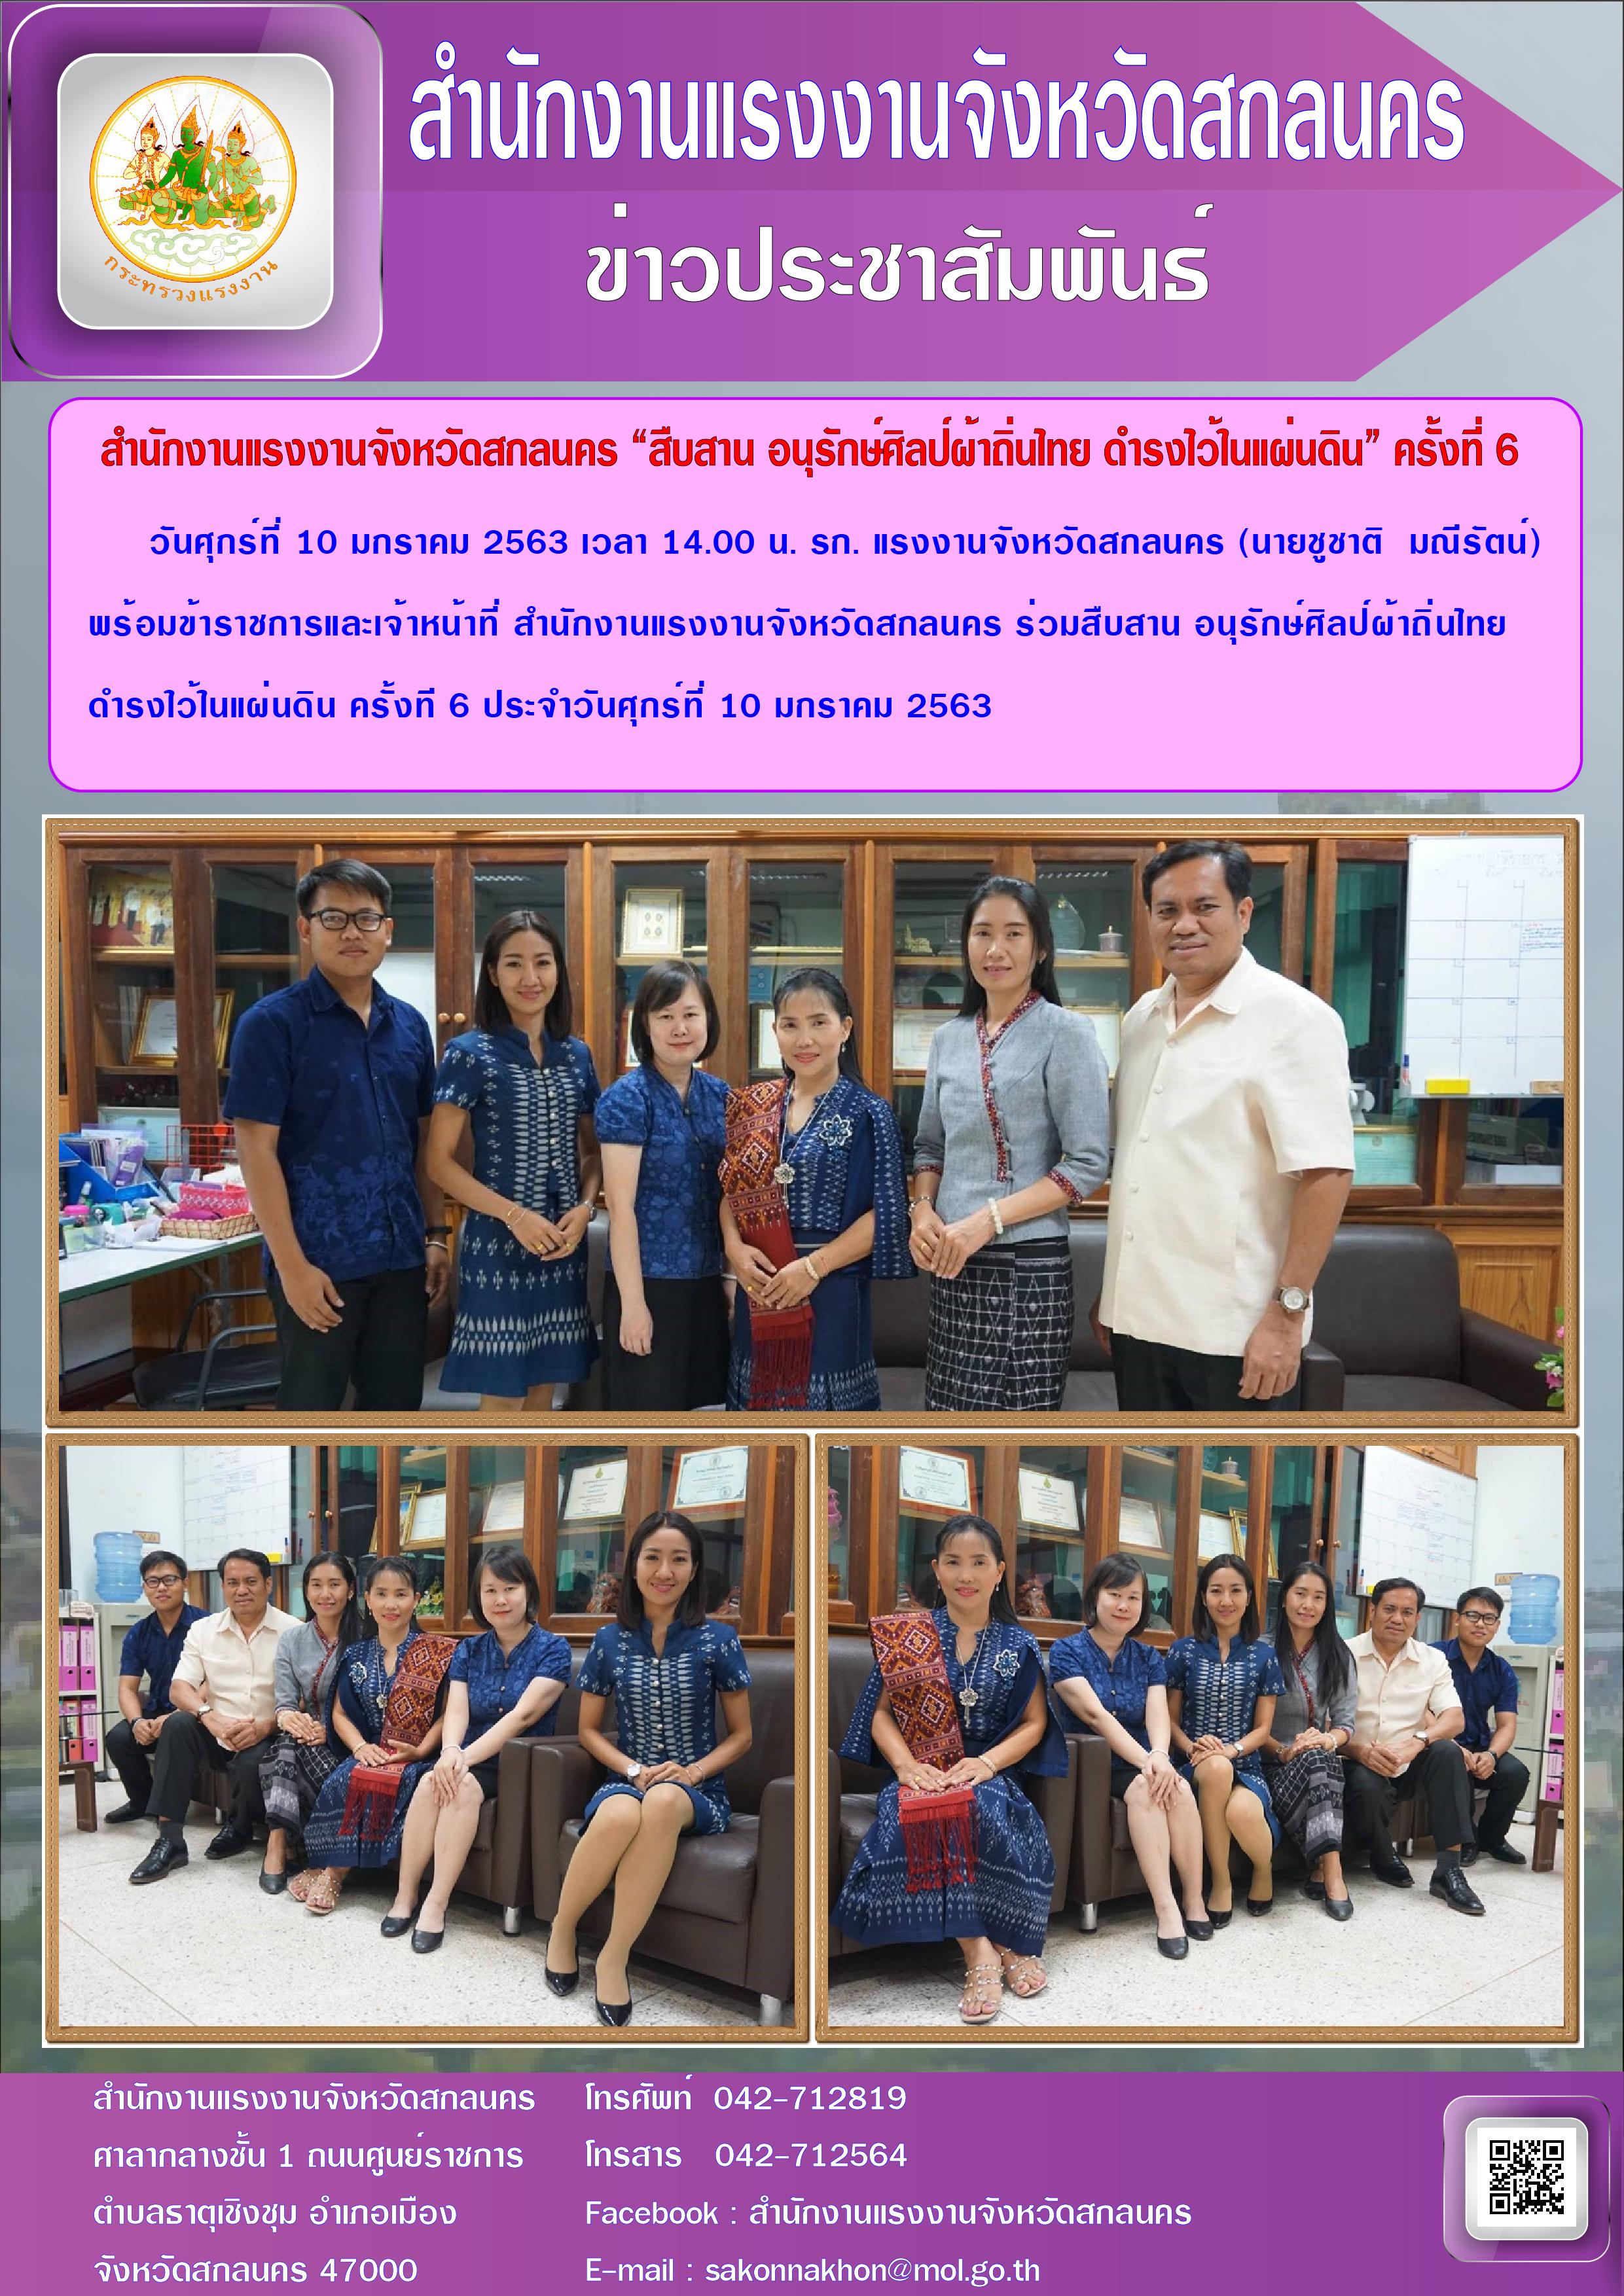 """สำนักงานแรงงานจังหวัดสกลนคร """"สืบสาน อนุรักษ์ศิลป์ผ้าถิ่นไทย ดำรงไว้ในแผ่นดิน"""" ครั้งที่ 6 ประจำวันศุกร์ที่ 10 มกราคม 2563"""